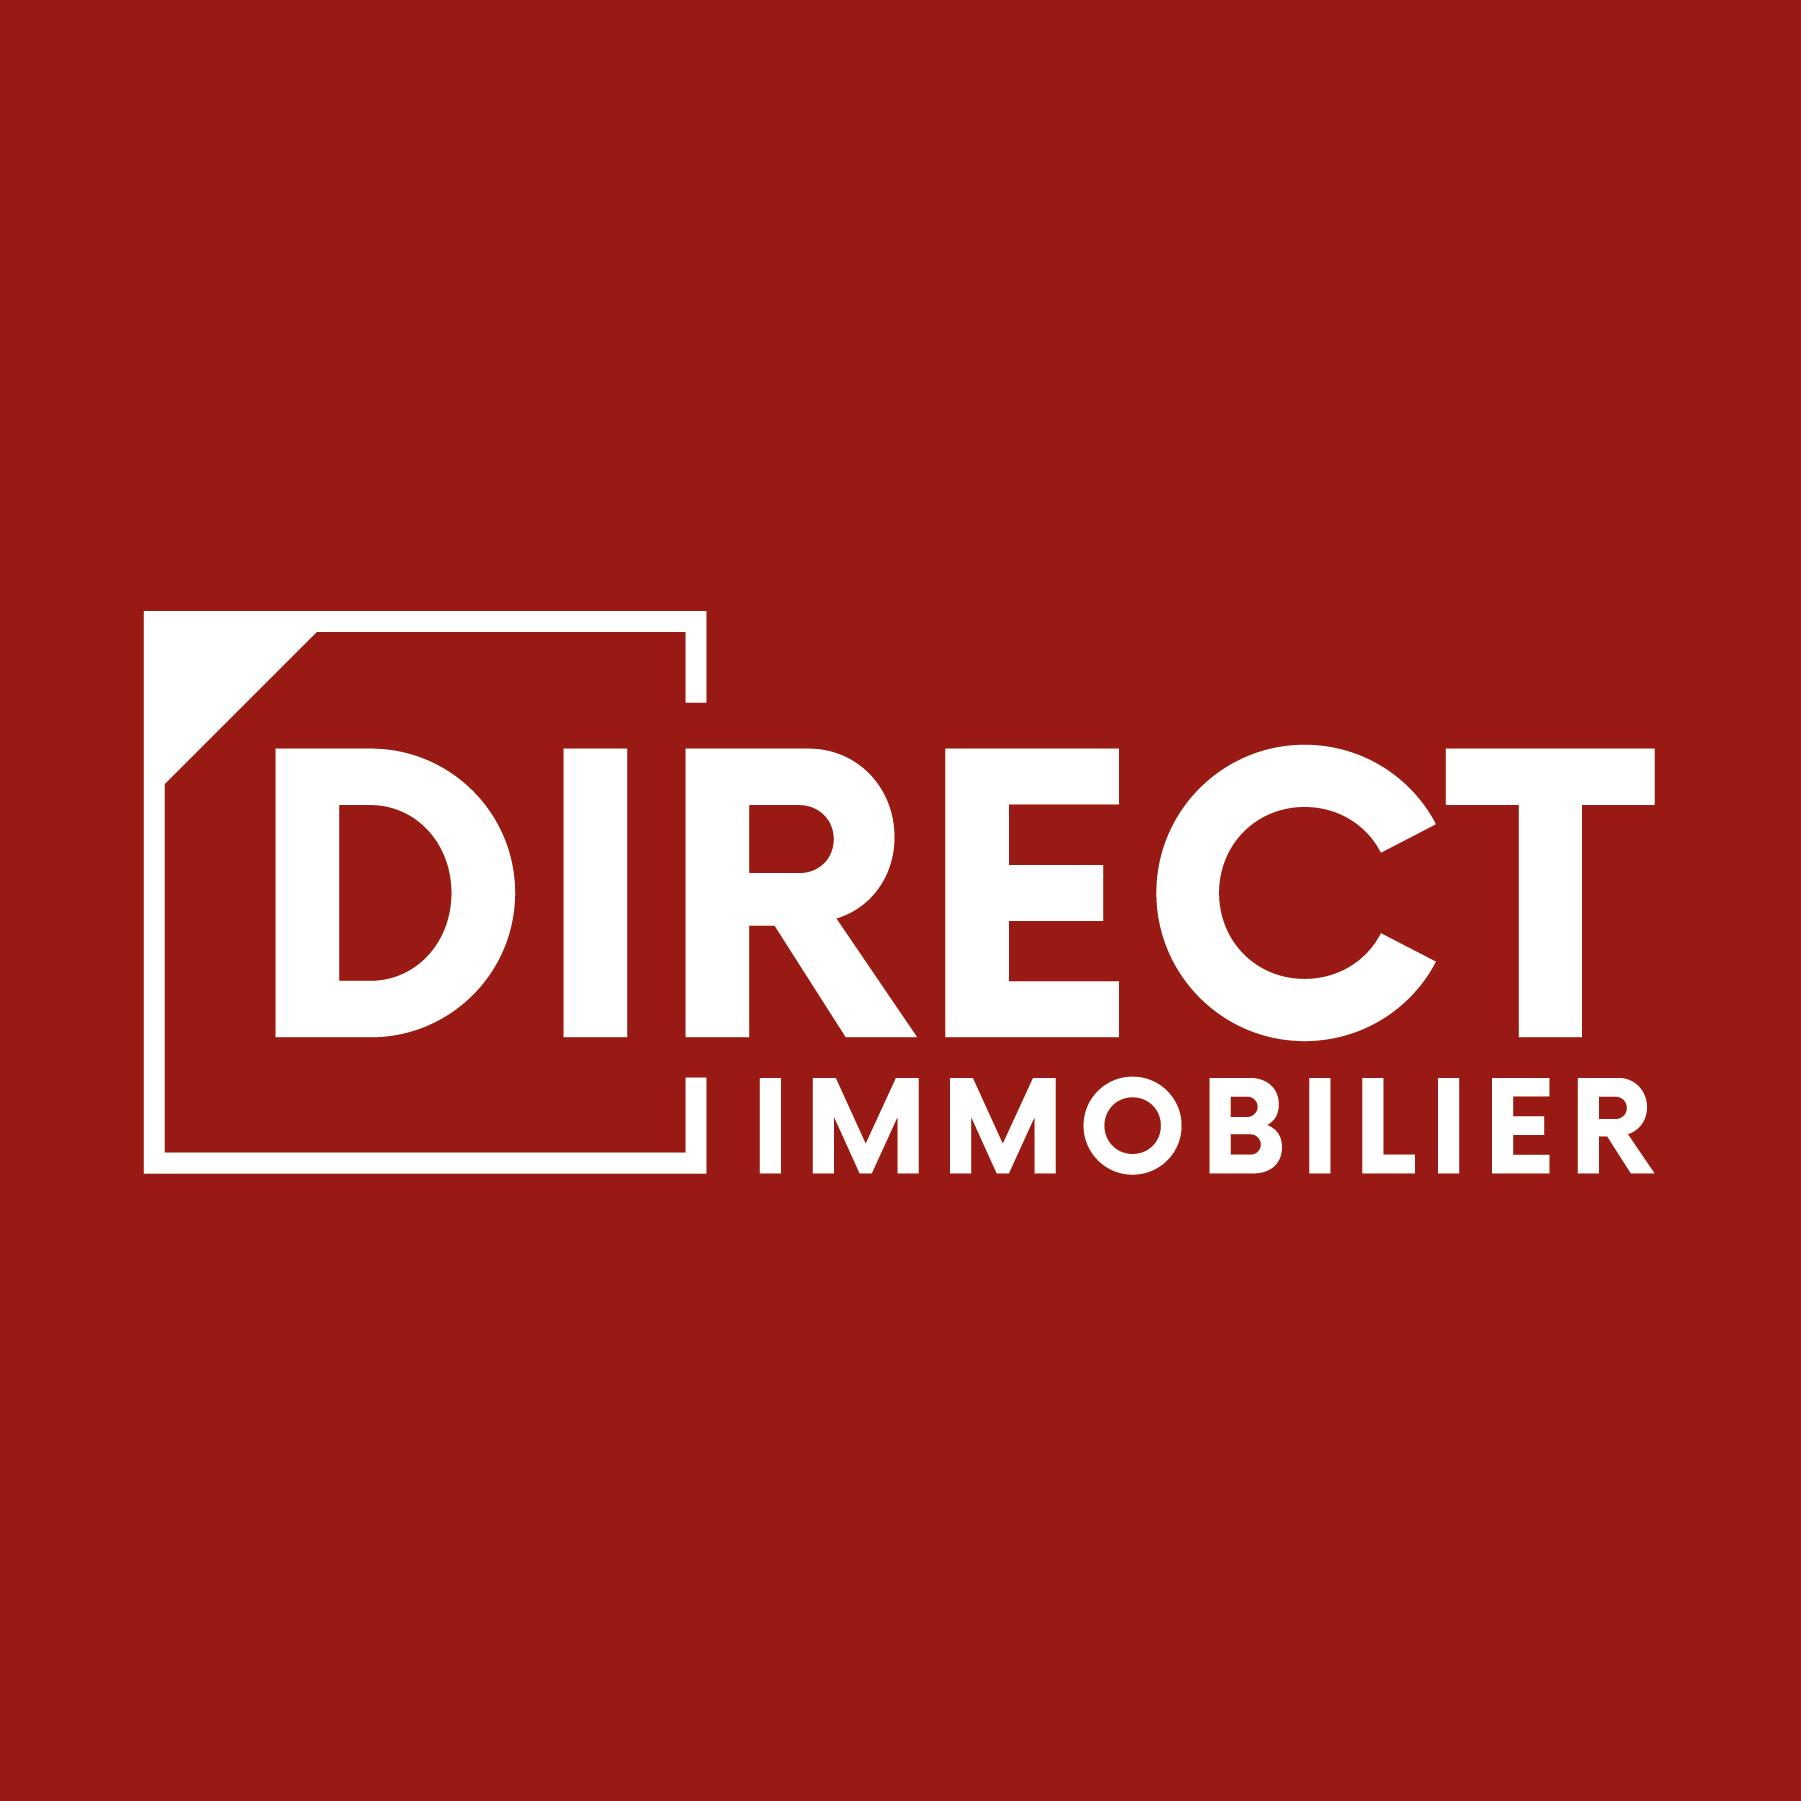 Image de l'agence Direct Immobilier